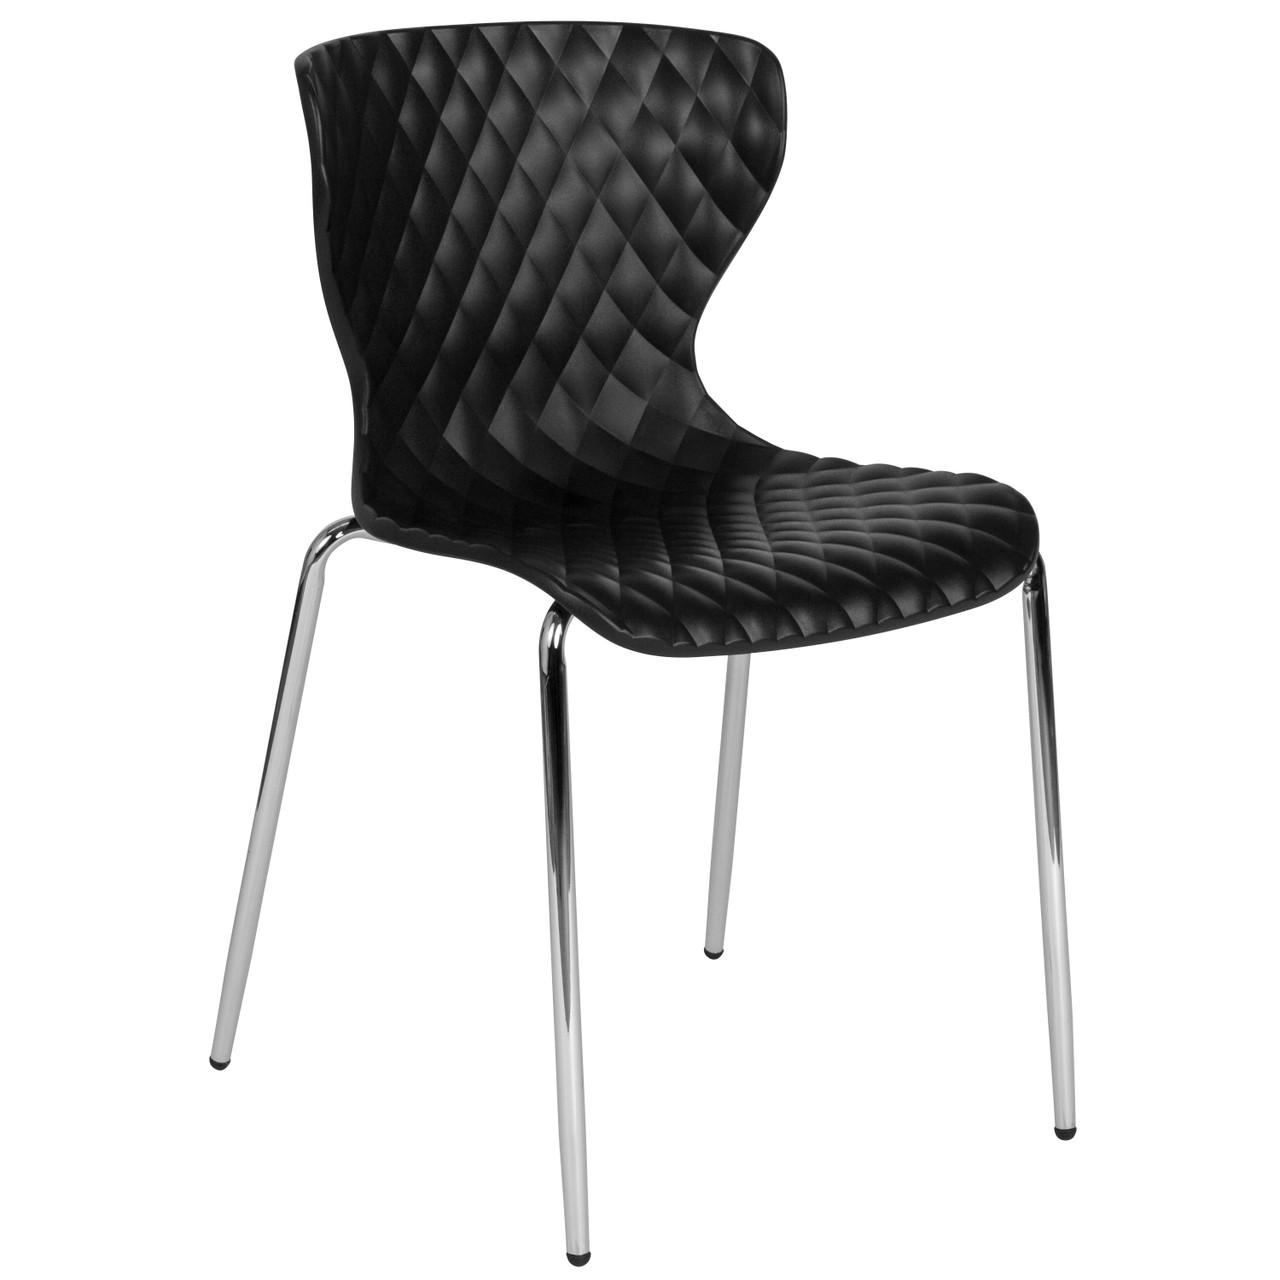 Advantage Lowell Contemporary Design Black Plastic Stack Chair Lf 7 07c Blk Gg